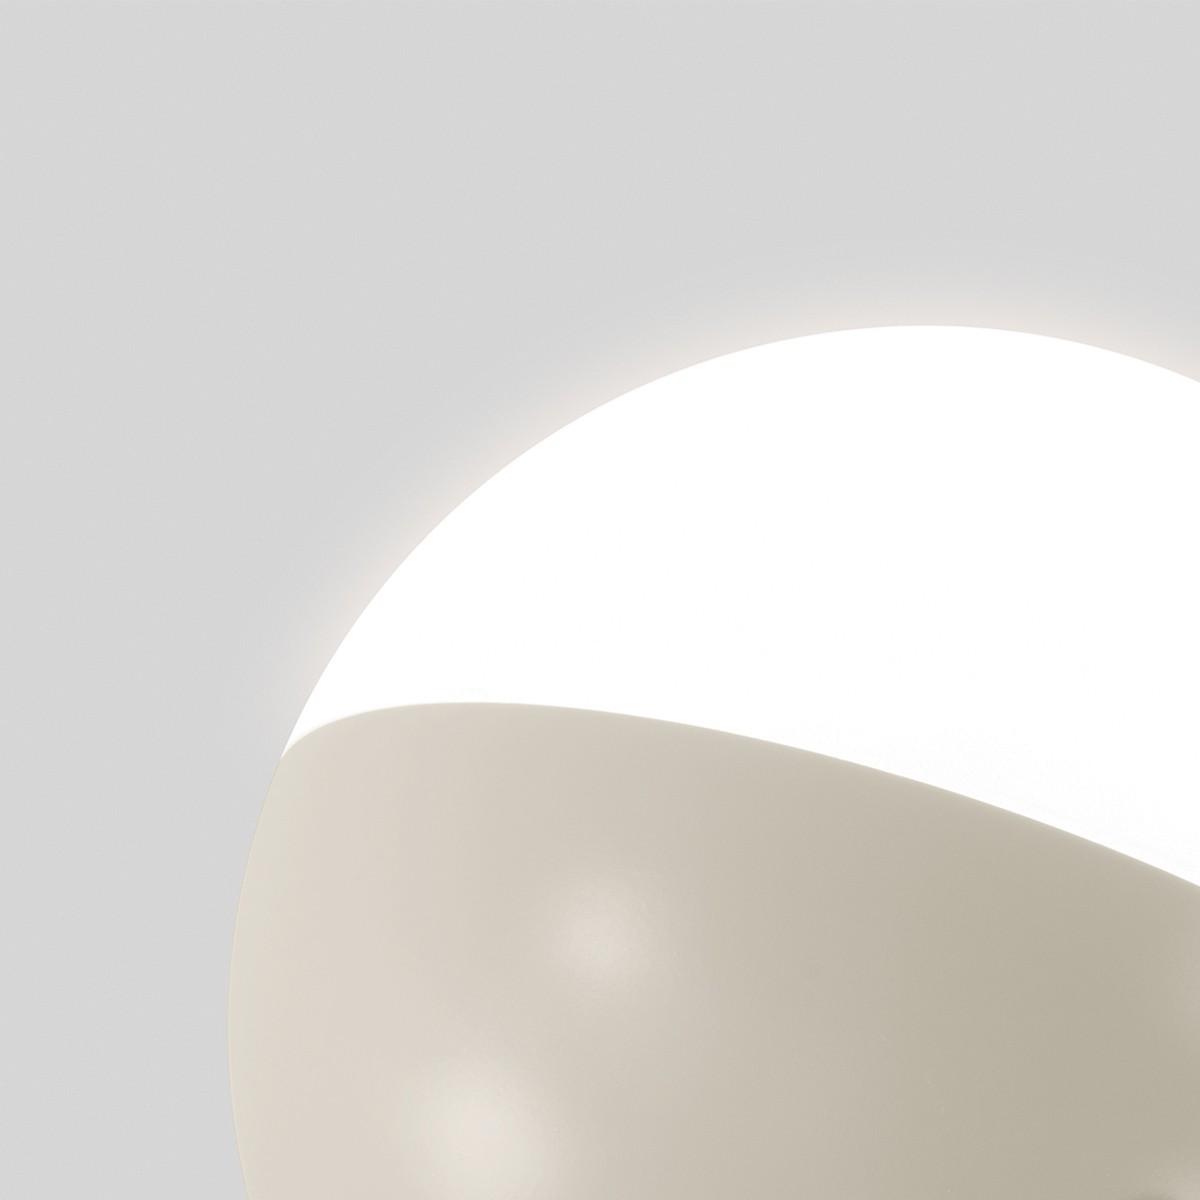 Milan Half Stehleuchte, Ø 16 cm, 2-flg., nerzfarben